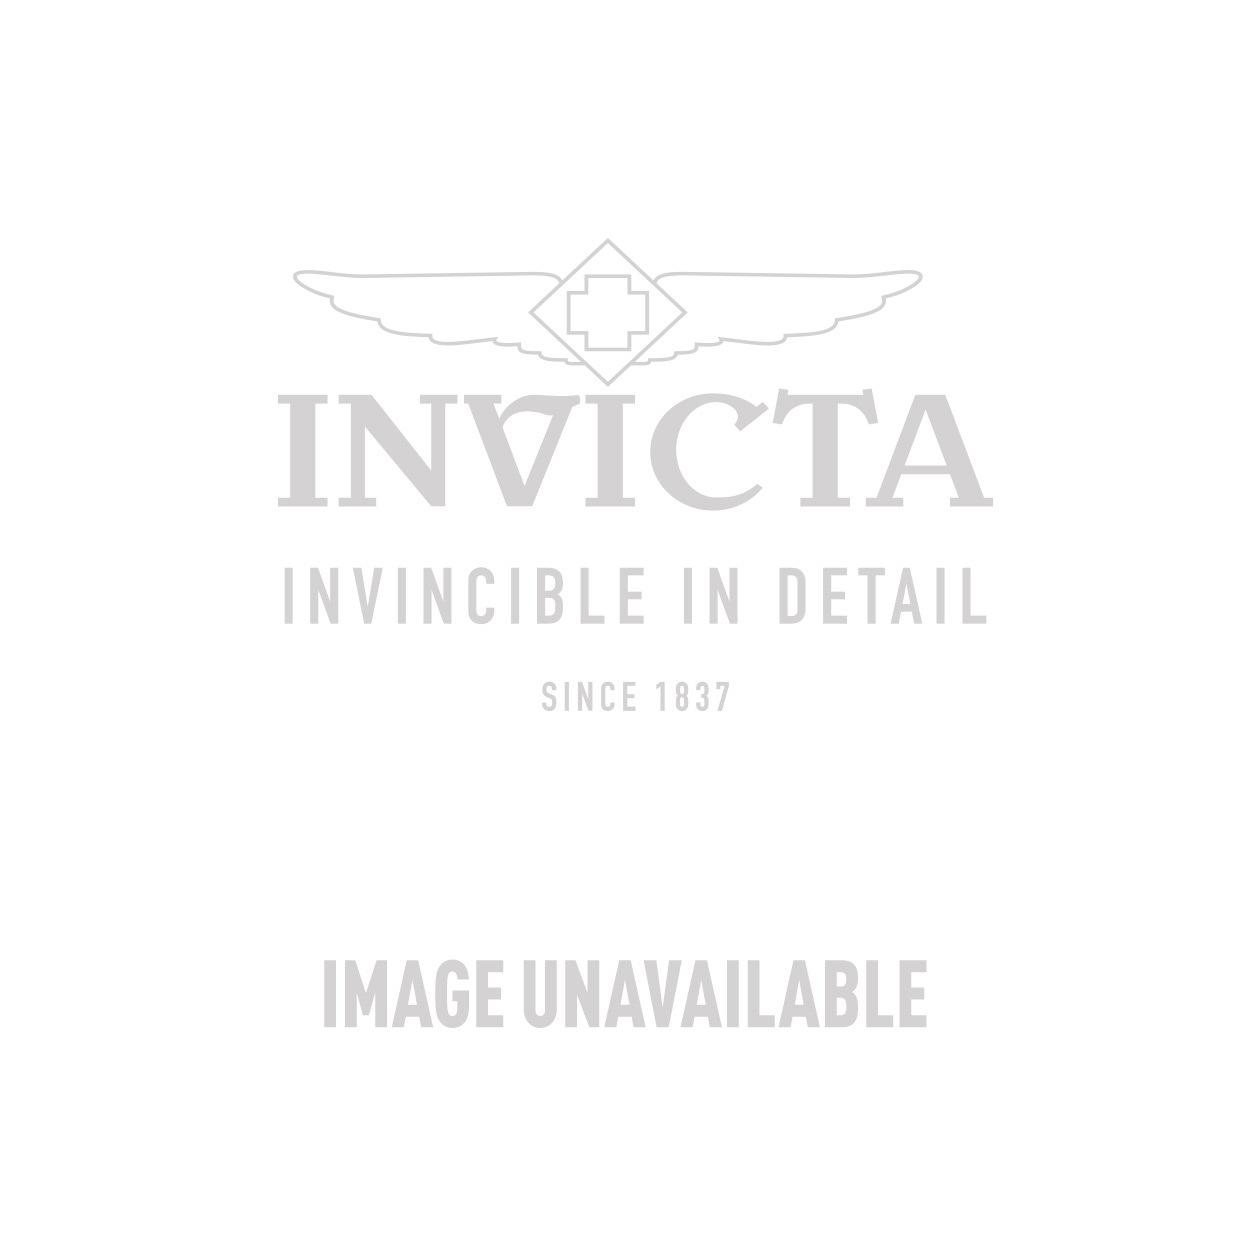 Invicta Model 23485